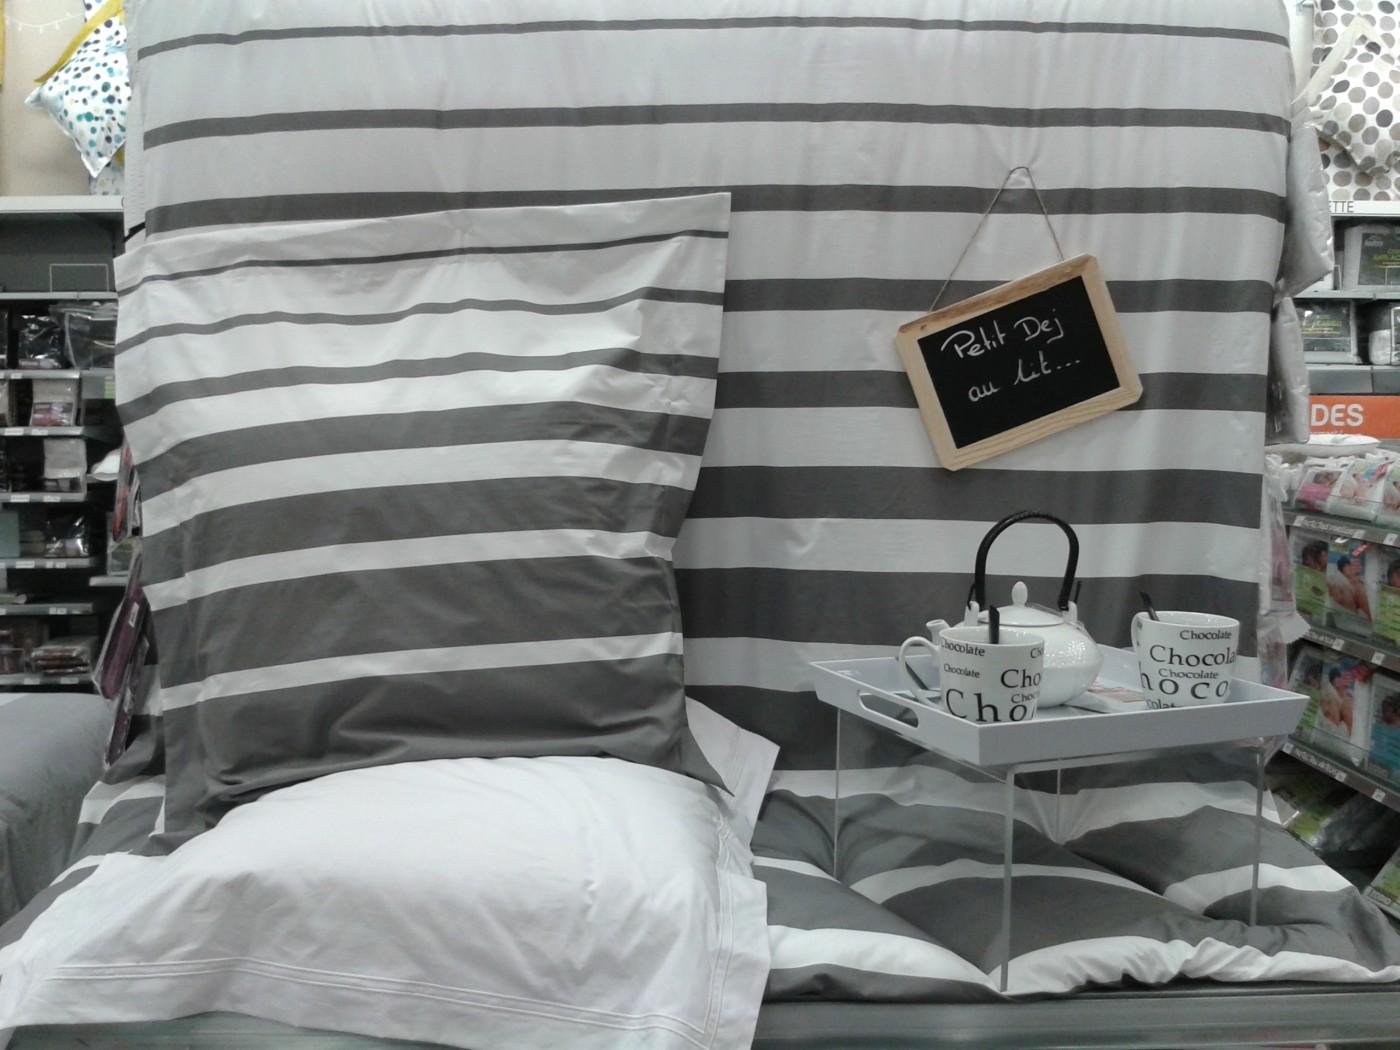 j 39 ai choisi pour vous la parure de couette grand large acier de blanc des vosges blog z dio. Black Bedroom Furniture Sets. Home Design Ideas